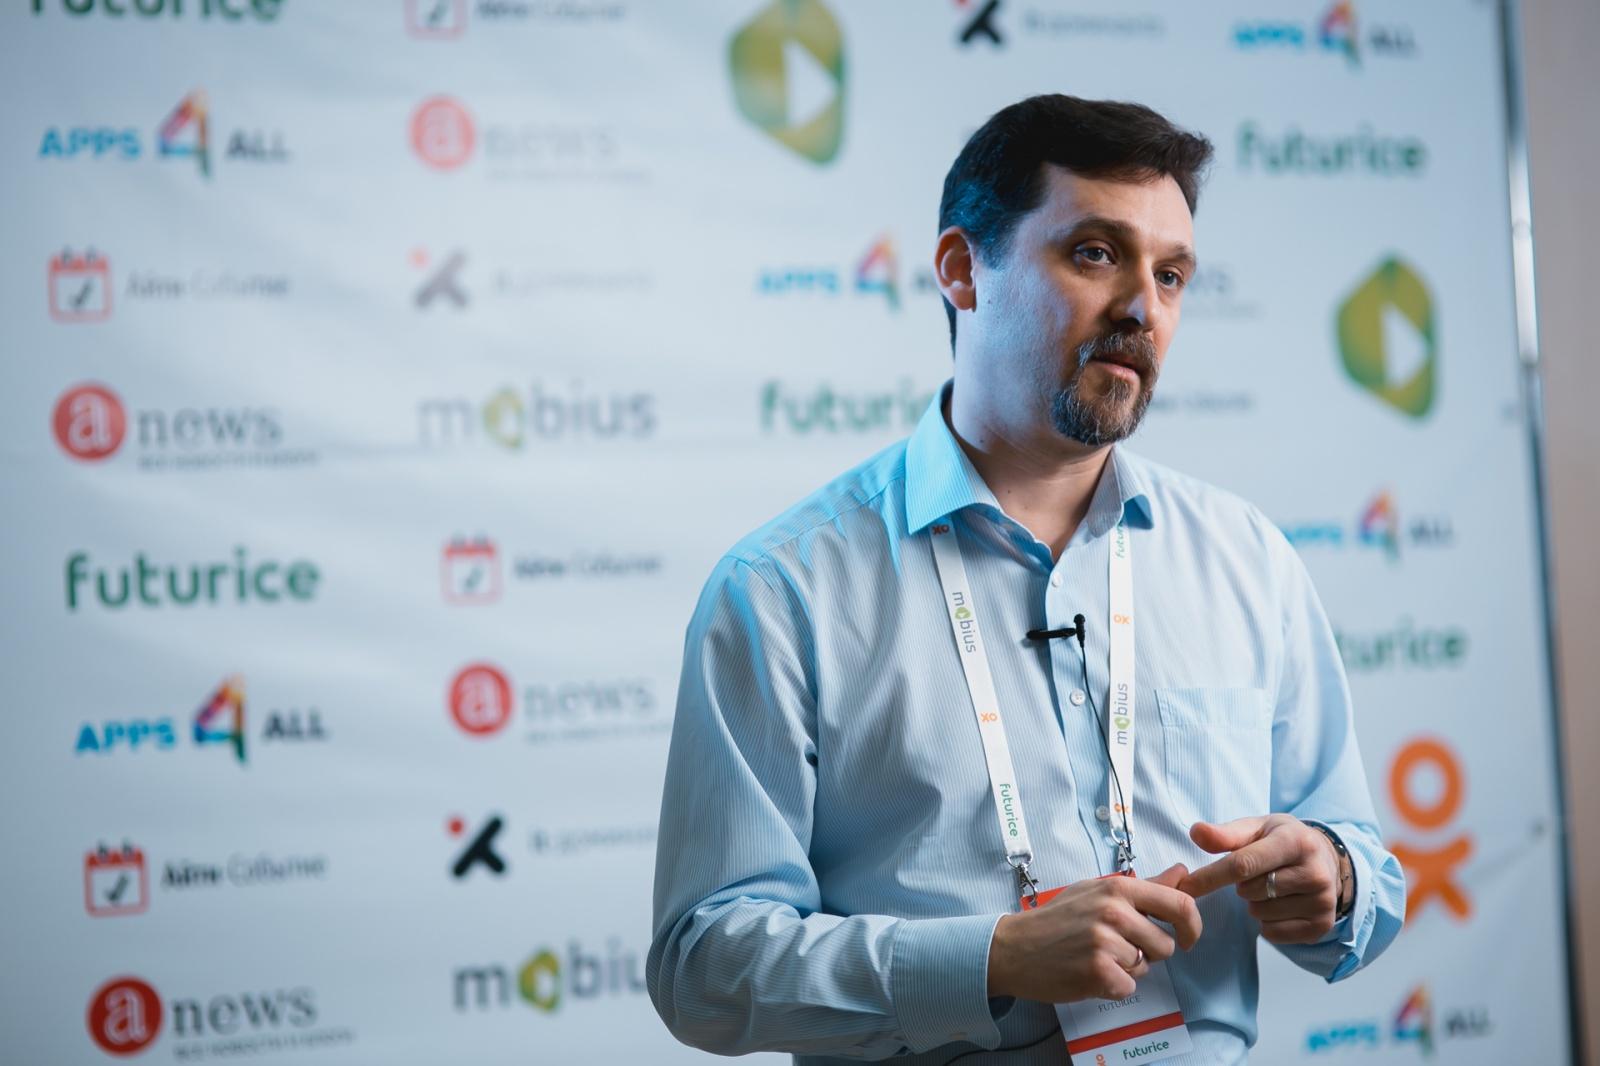 Конференция Mobius: как в мобильных устройствах открывали неочевидное - 6